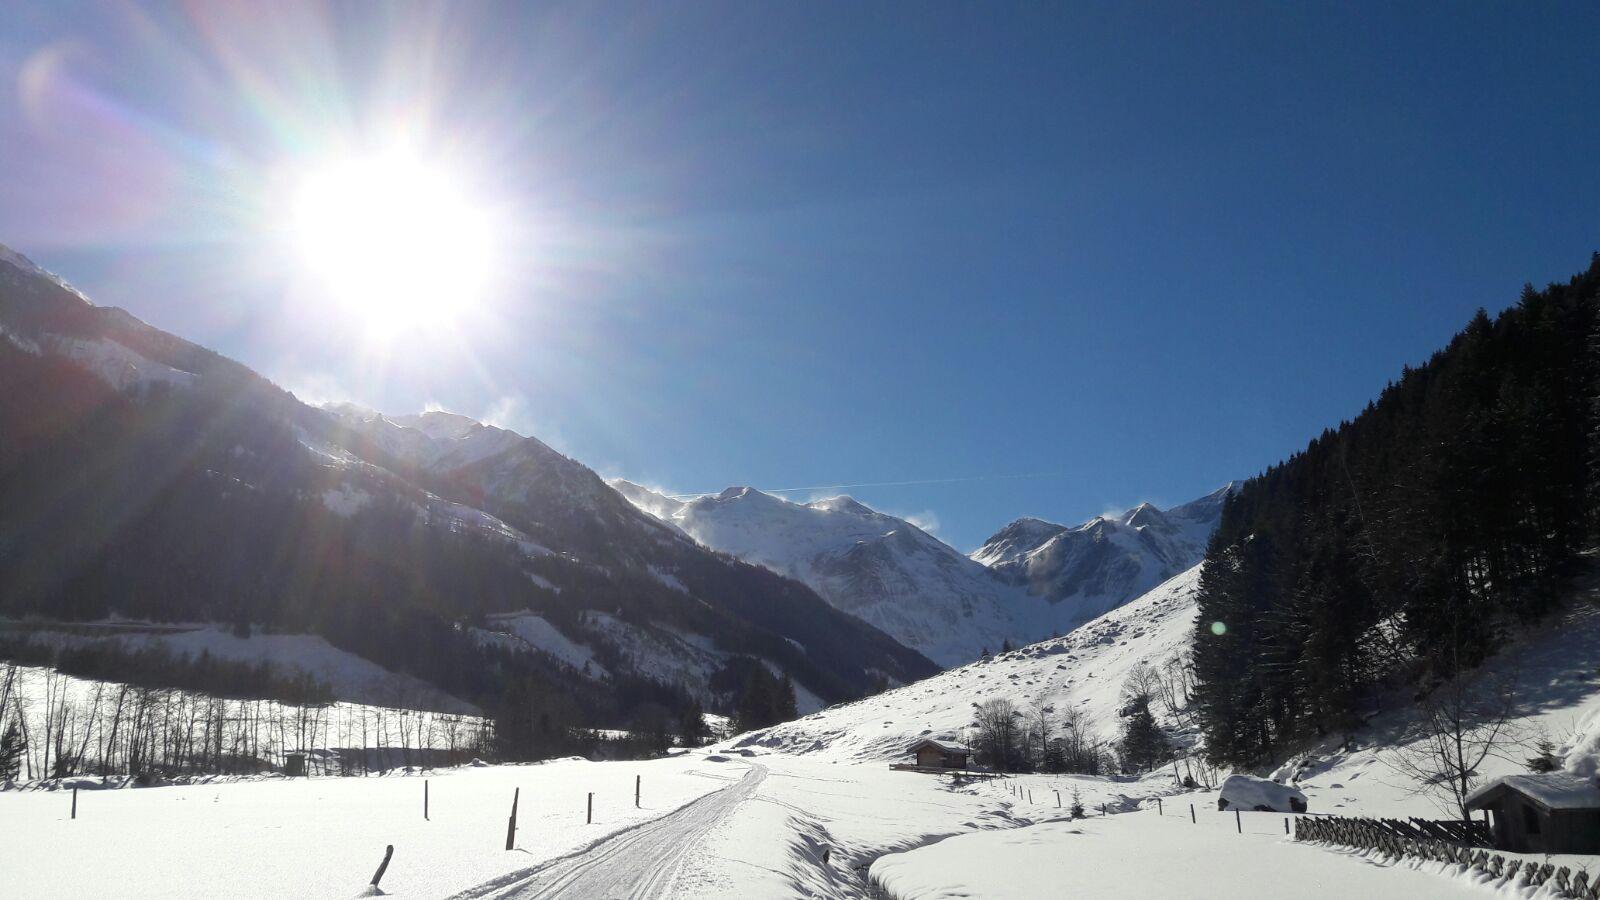 atemberaubende Landschaft im Winter im Käfertal